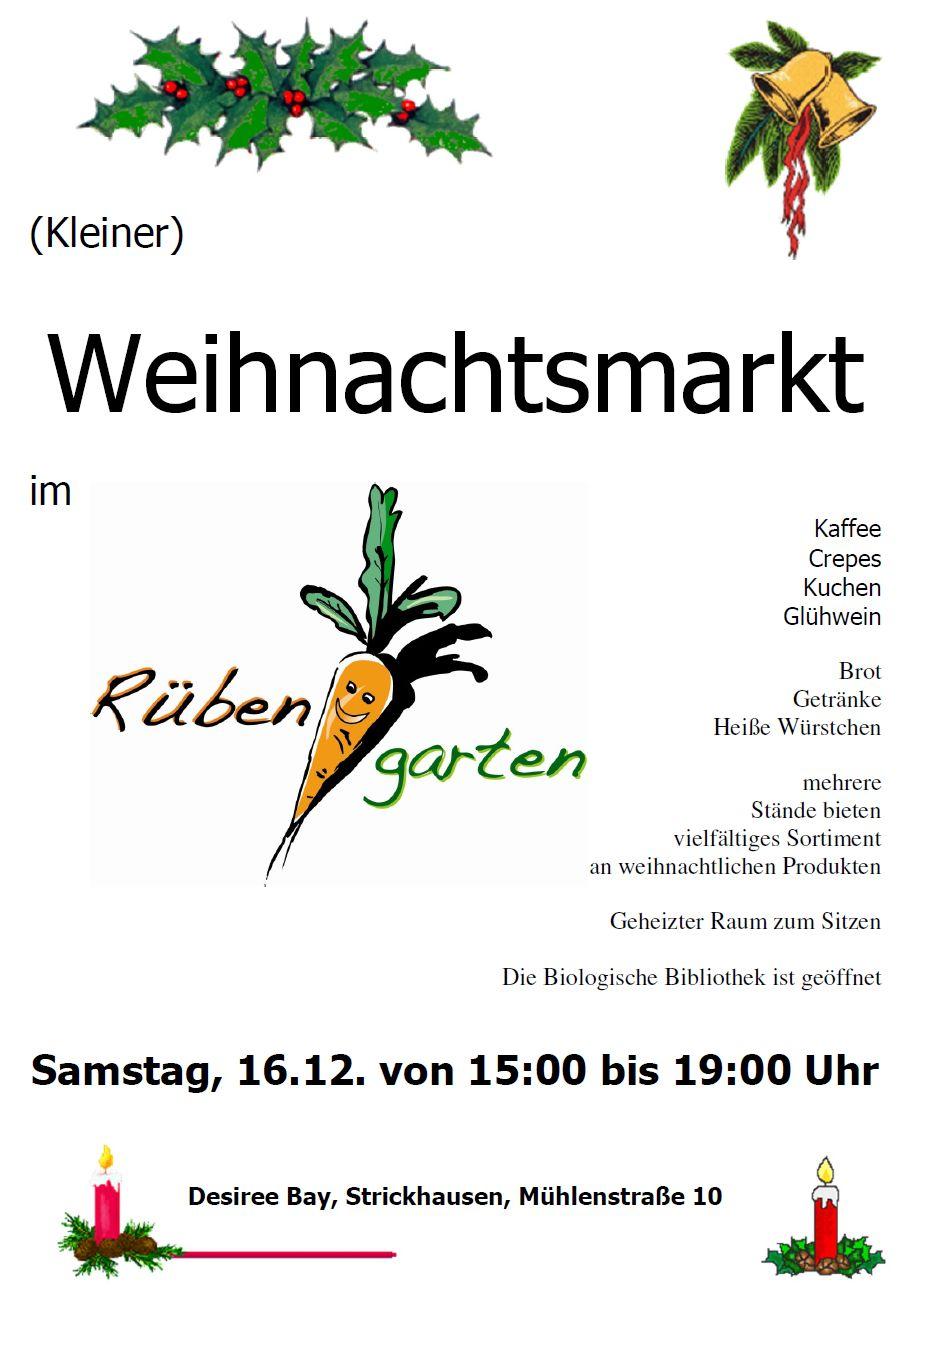 Weihnachtsmarkt in StrickhausenWIBeN e.V.